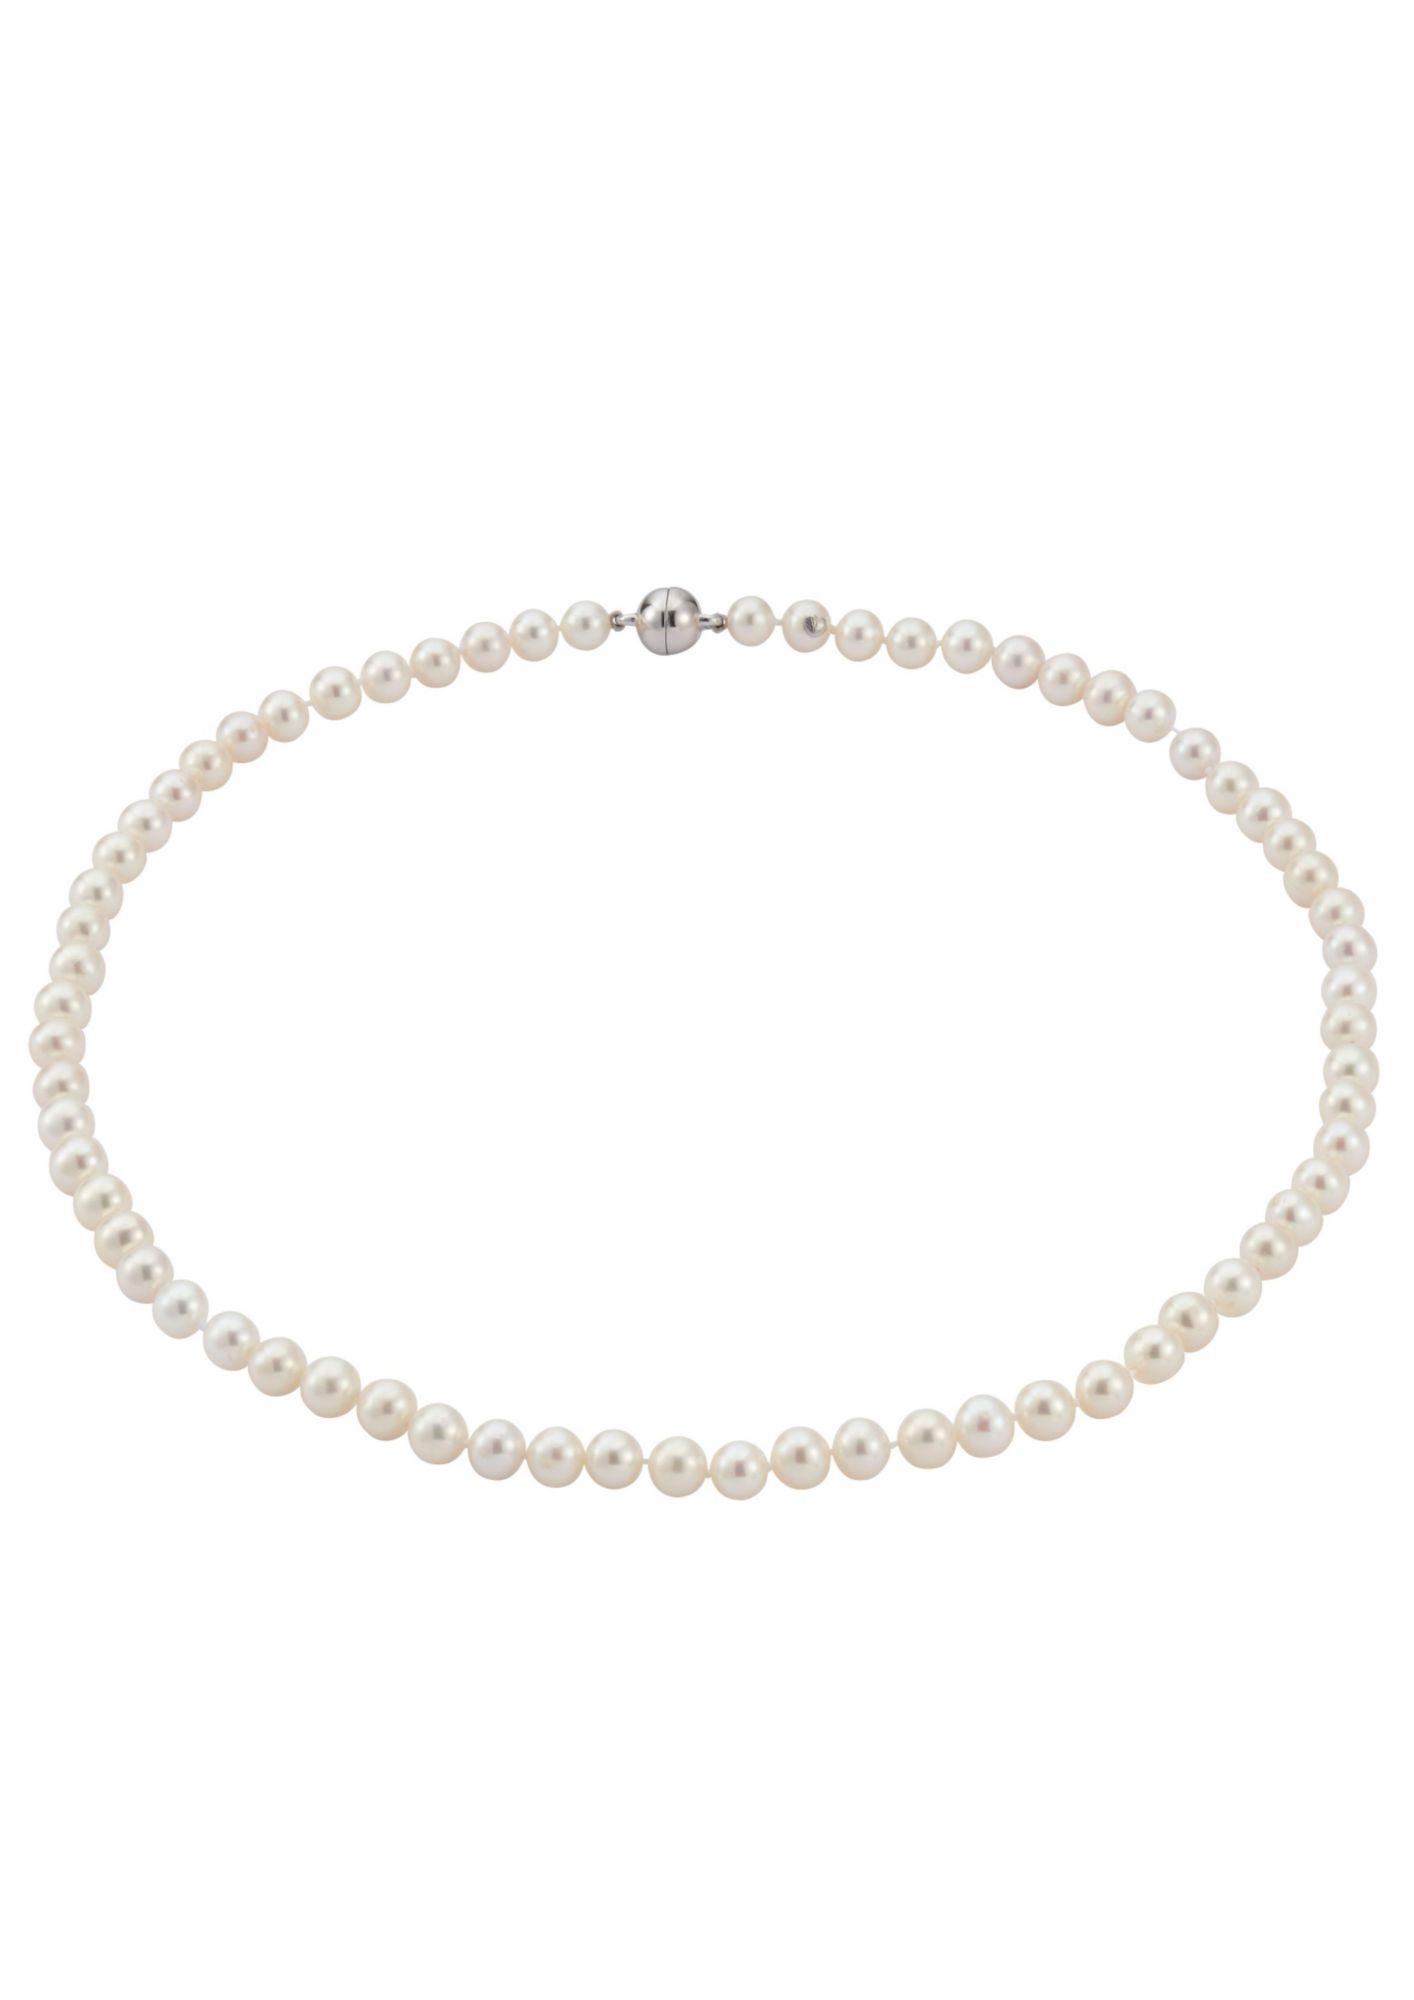 ADRIANA Adriana Perlenkette, »La mia perla PR5-1 / PR5-4 / PR5-3«